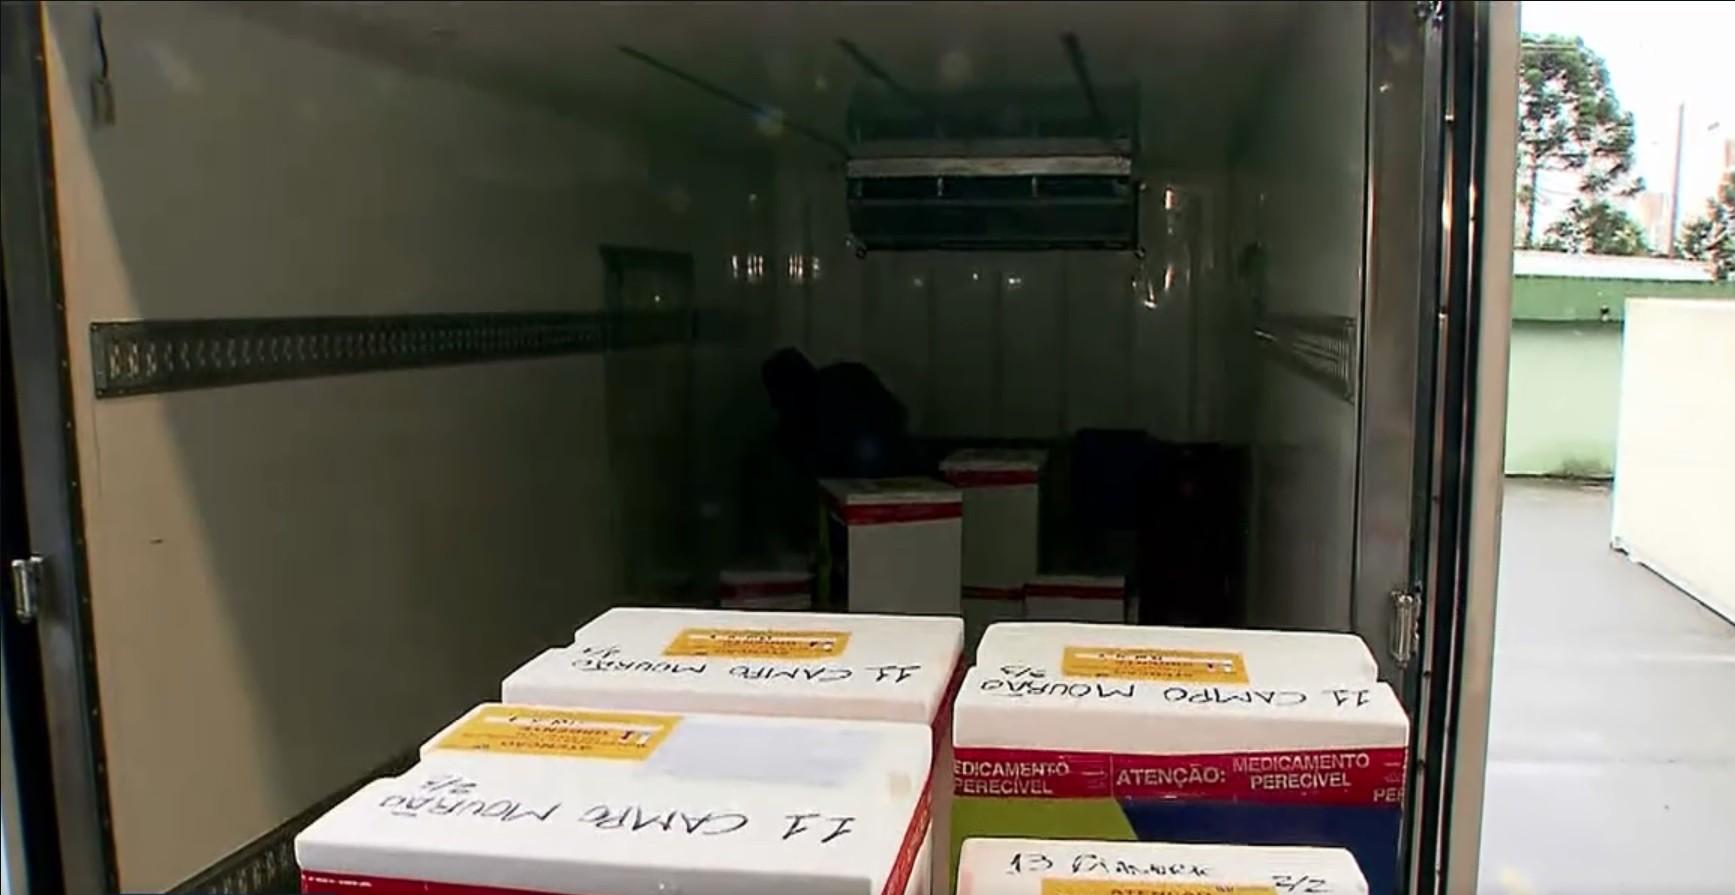 Doses da vacina contra Covid-19 começam a ser distribuídas para as cidades do Paraná